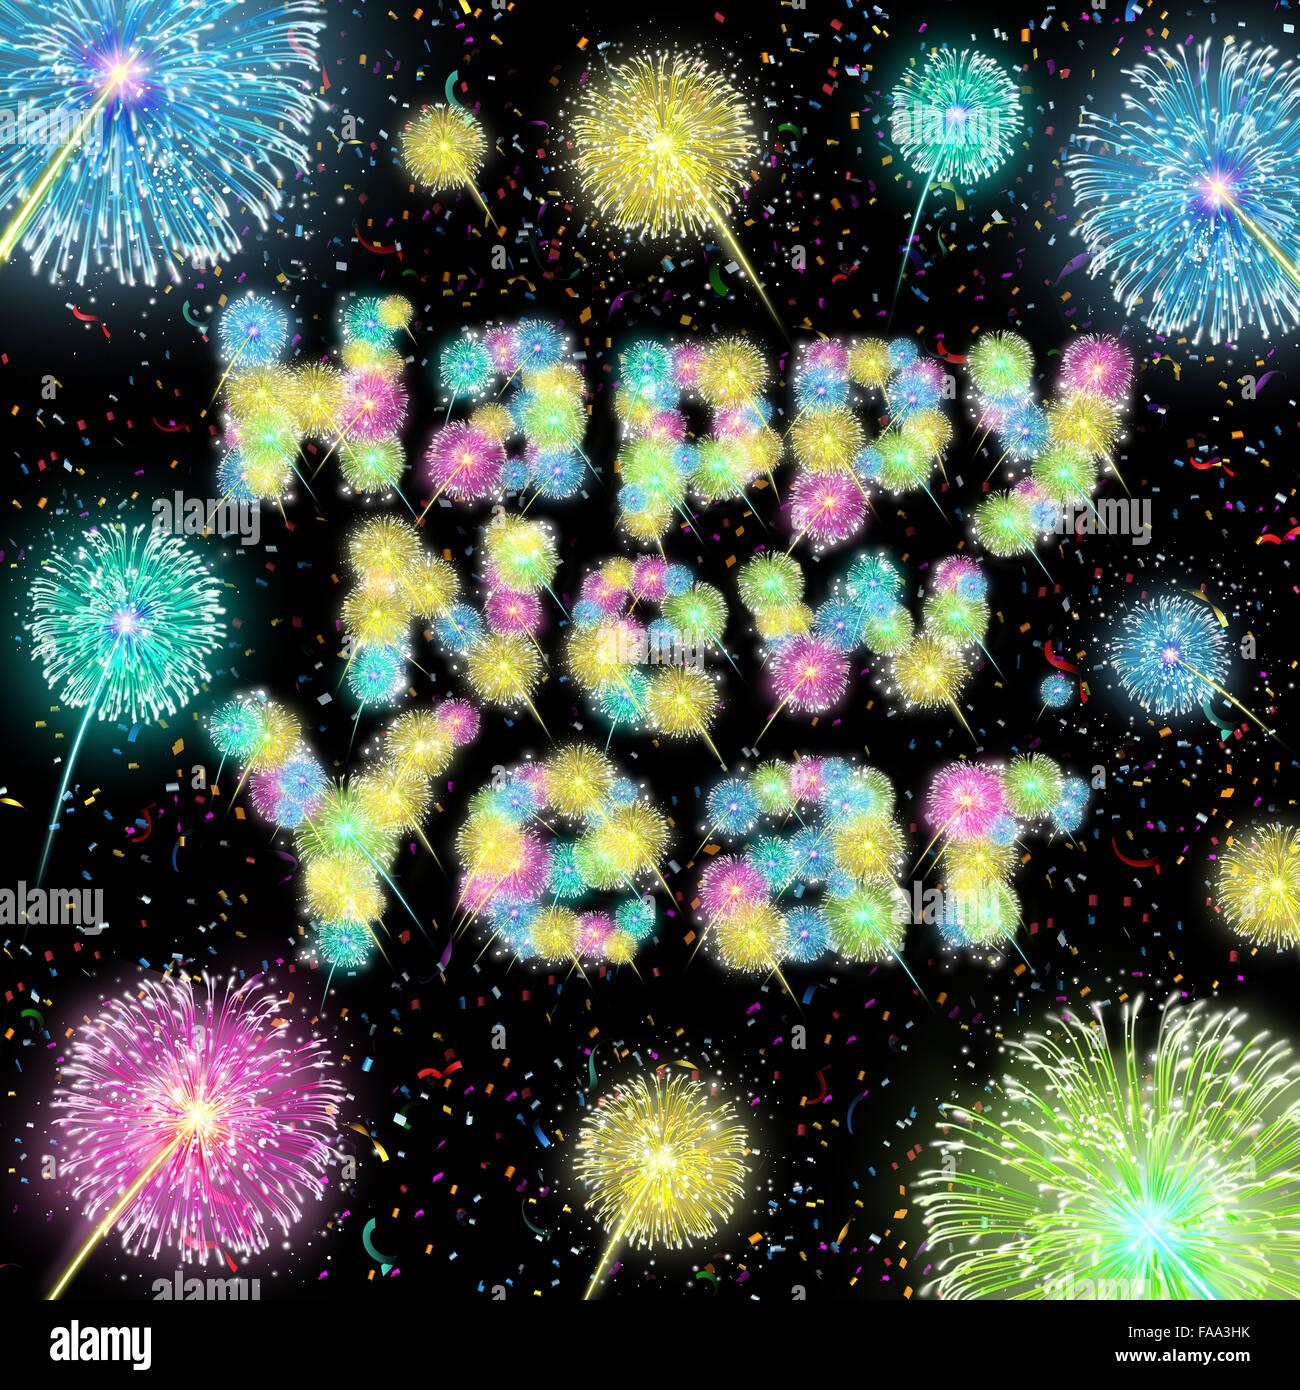 Bonne année texte célébration faite avec des bouffées d'artifice avec une illumination lumière Photo Stock